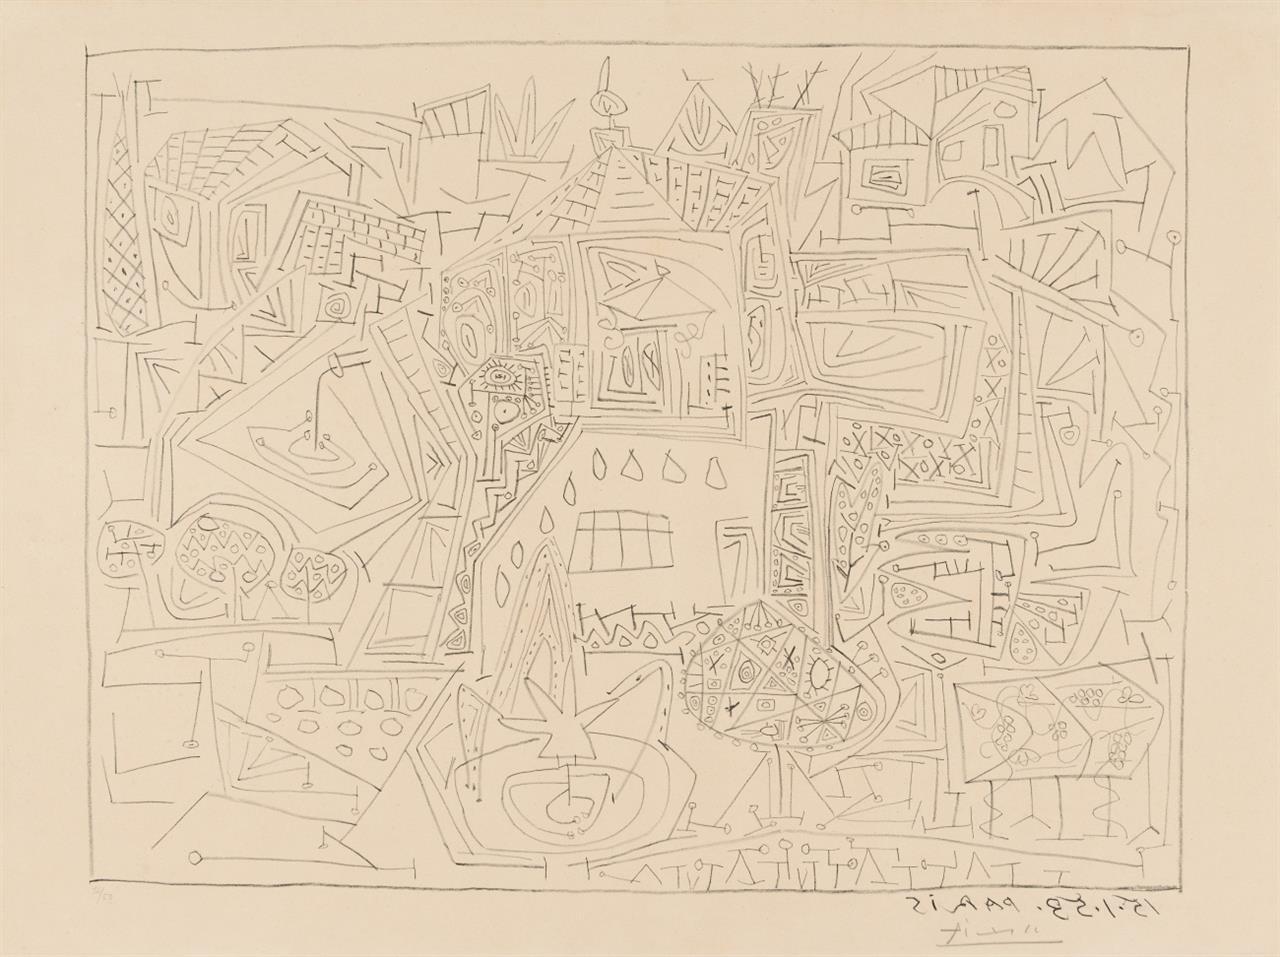 Pablo Picasso. Jardins à Vallauris. 15.1.53 Paris. 1953. Lithographie. Signiert. Ex. 12/50. Bloch 733.